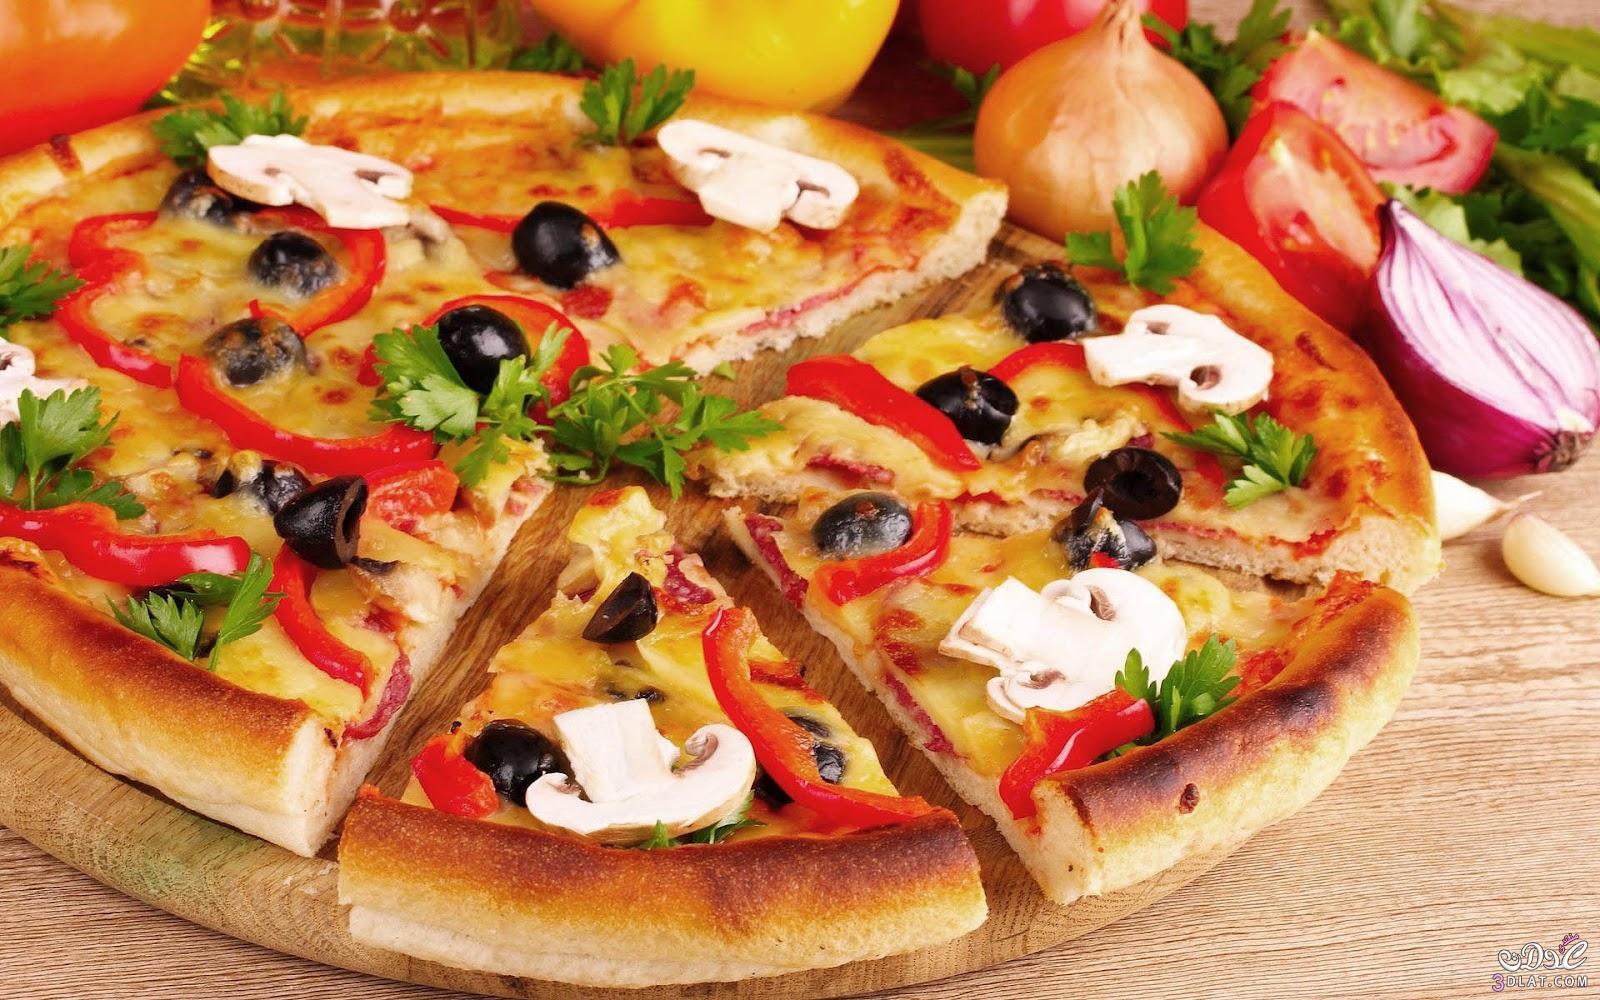 بالصور صور بيتزا , اجمل انواع البيتزات 3221 5